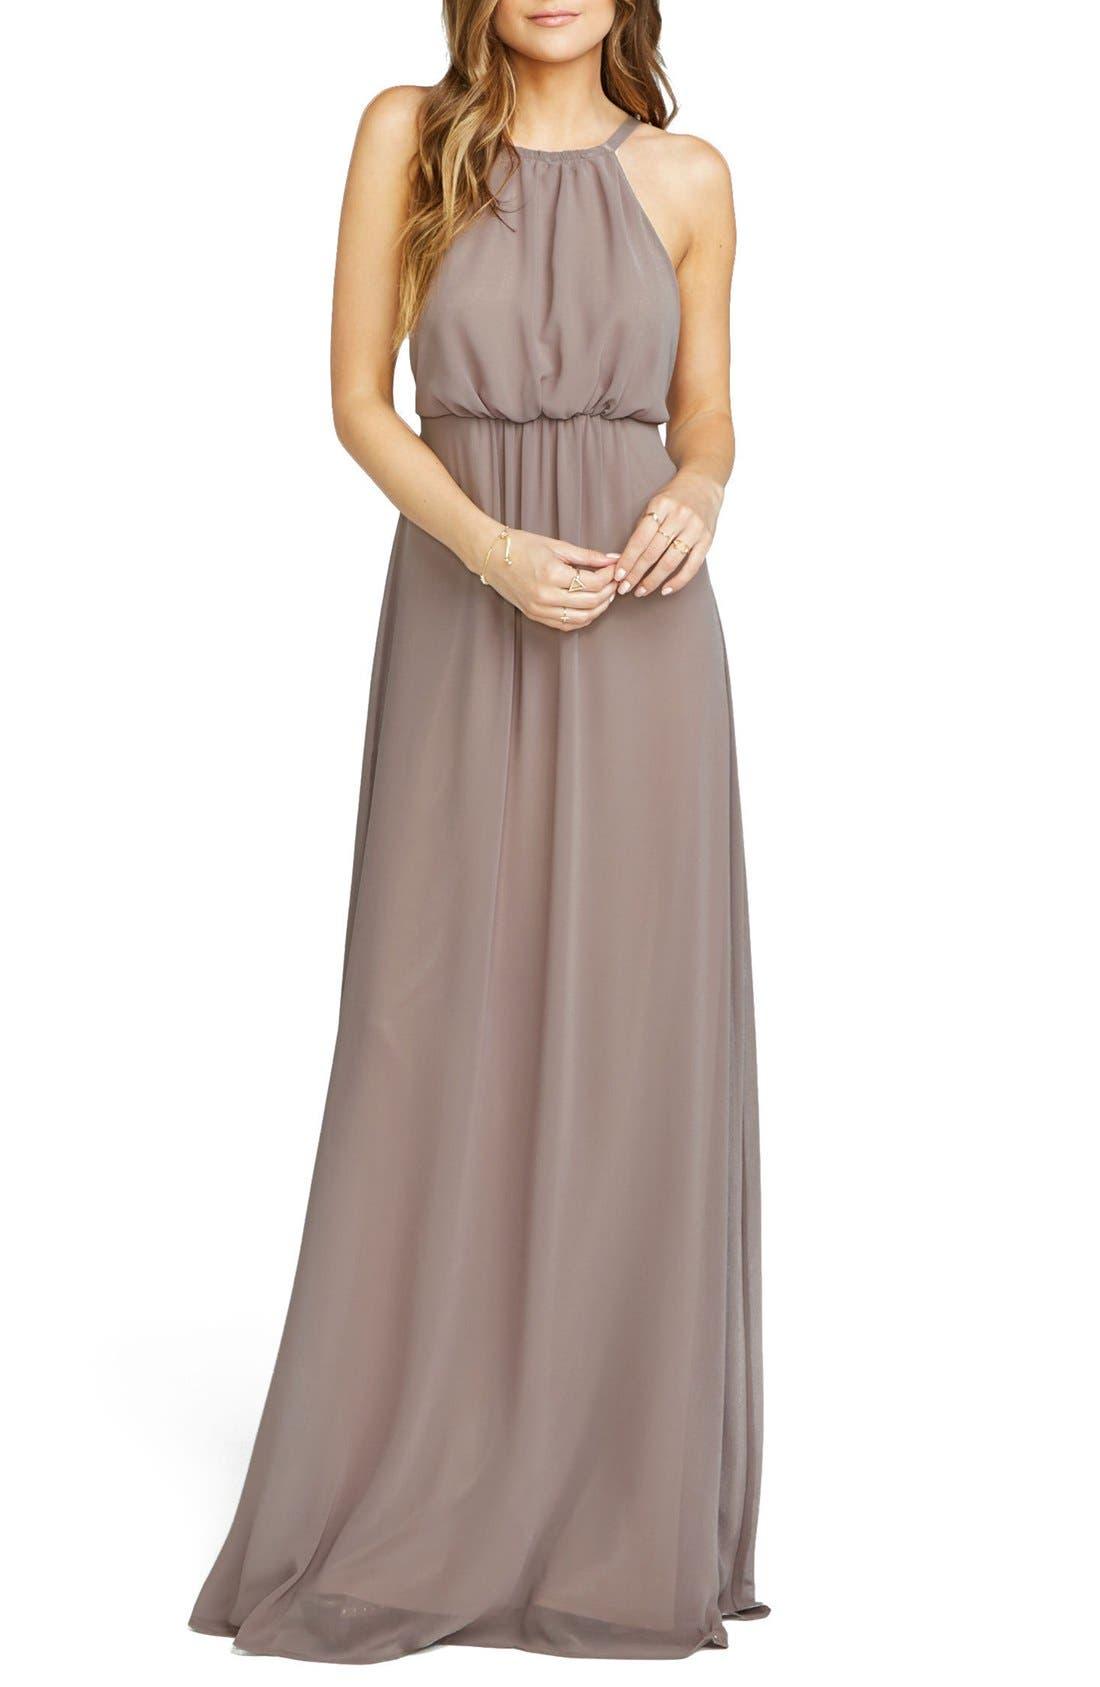 Amanda Open Back Blouson Gown,                         Main,                         color, Dune